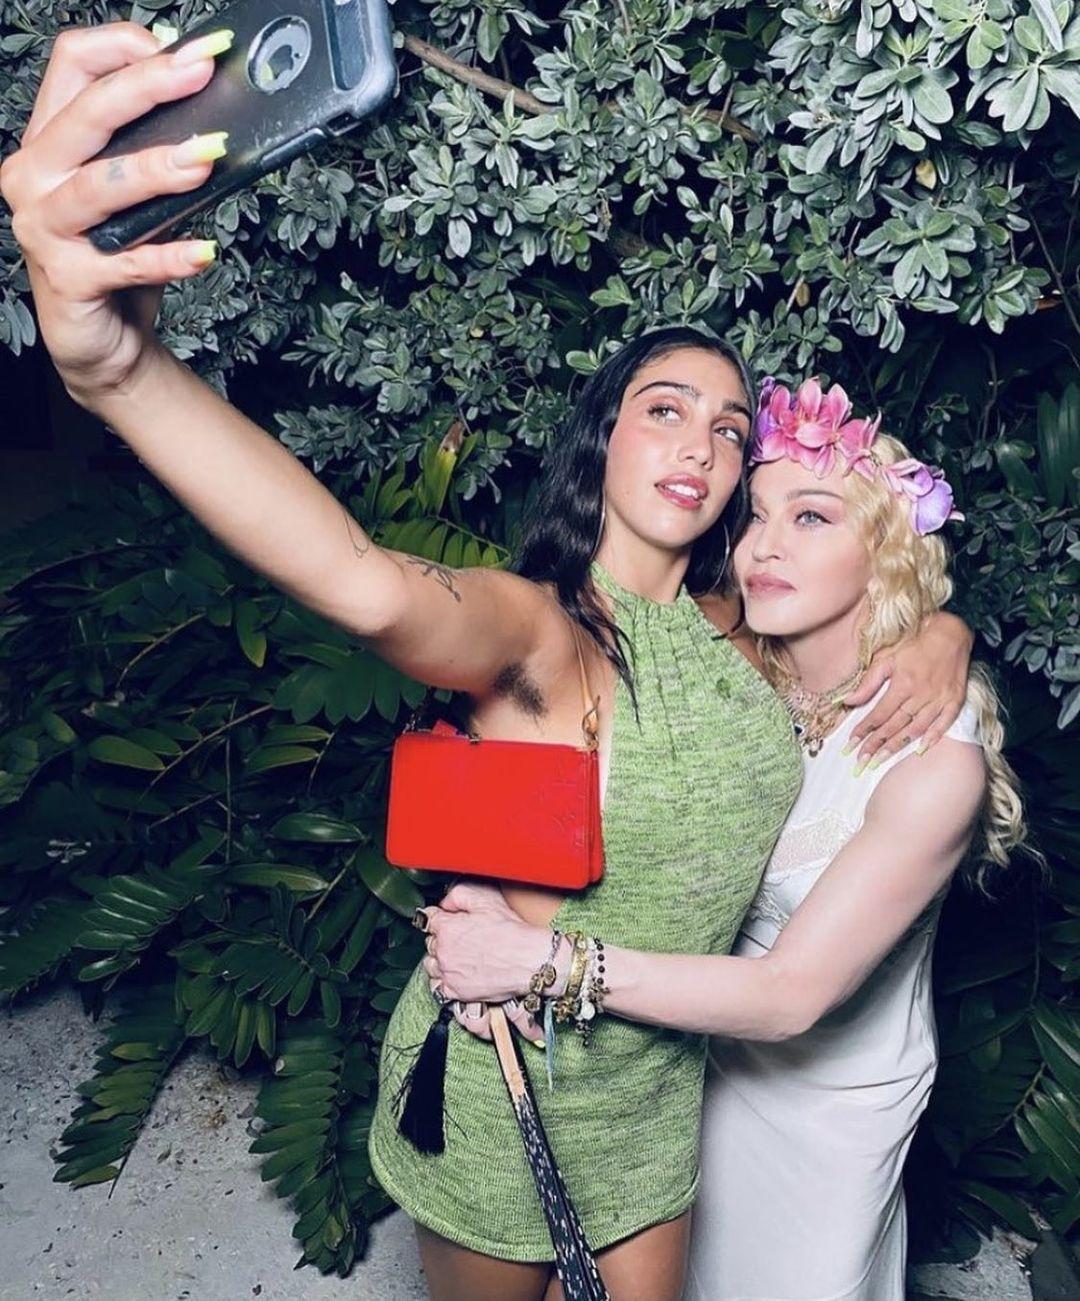 В Сети раскритиковали дочь Мадонны из-за нового фото с небритыми подмышками - фото №1